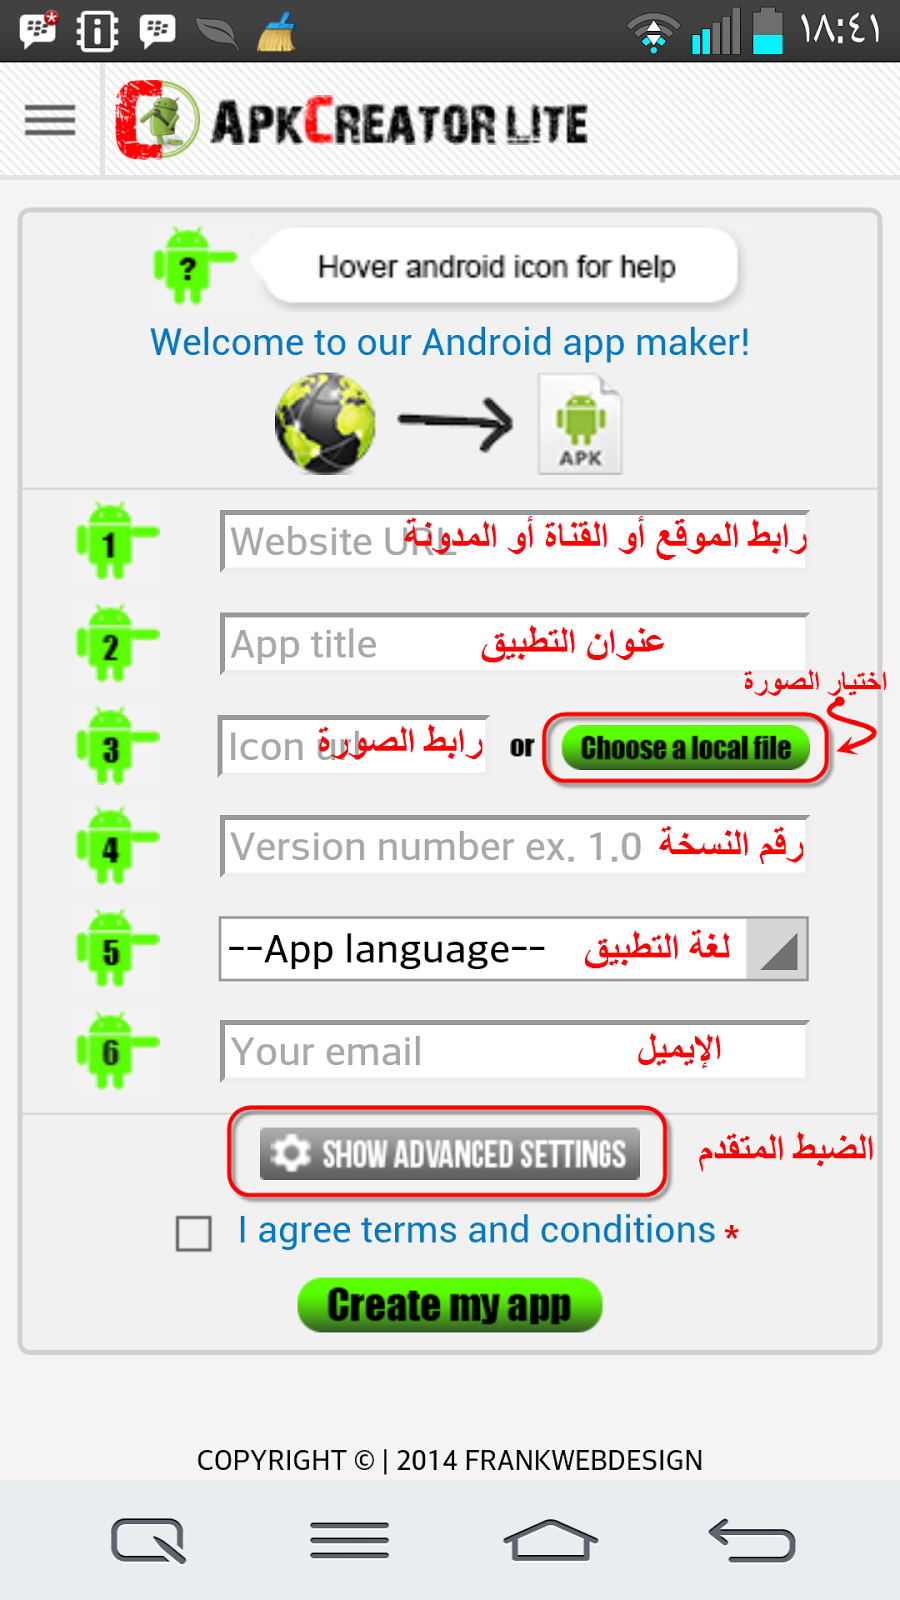 كيفية عمل تطبيق لموقعك على الاندرويد بأسهل طريقة والافضل على الاطلاق Screenshot_2014-02-07-18-41-33